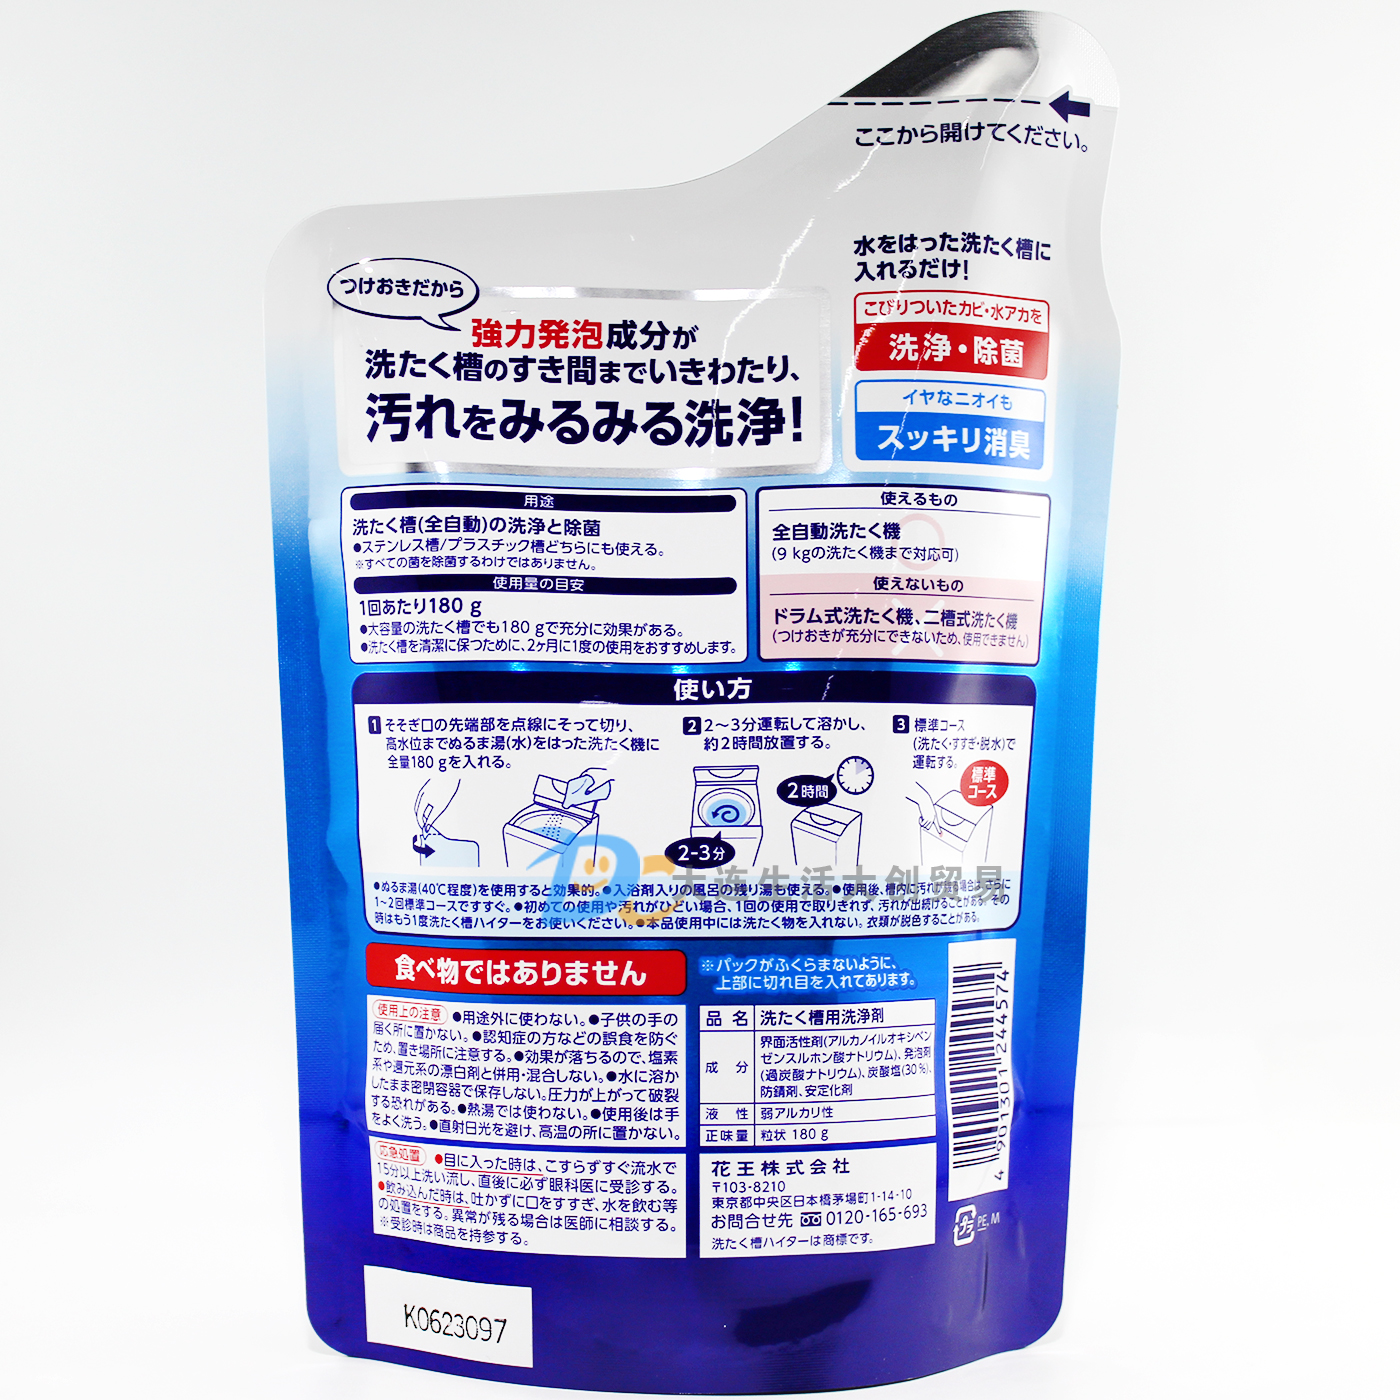 日本进口花王洗衣机槽清洁剂全自动波轮内筒除垢清洗除菌粉末180g